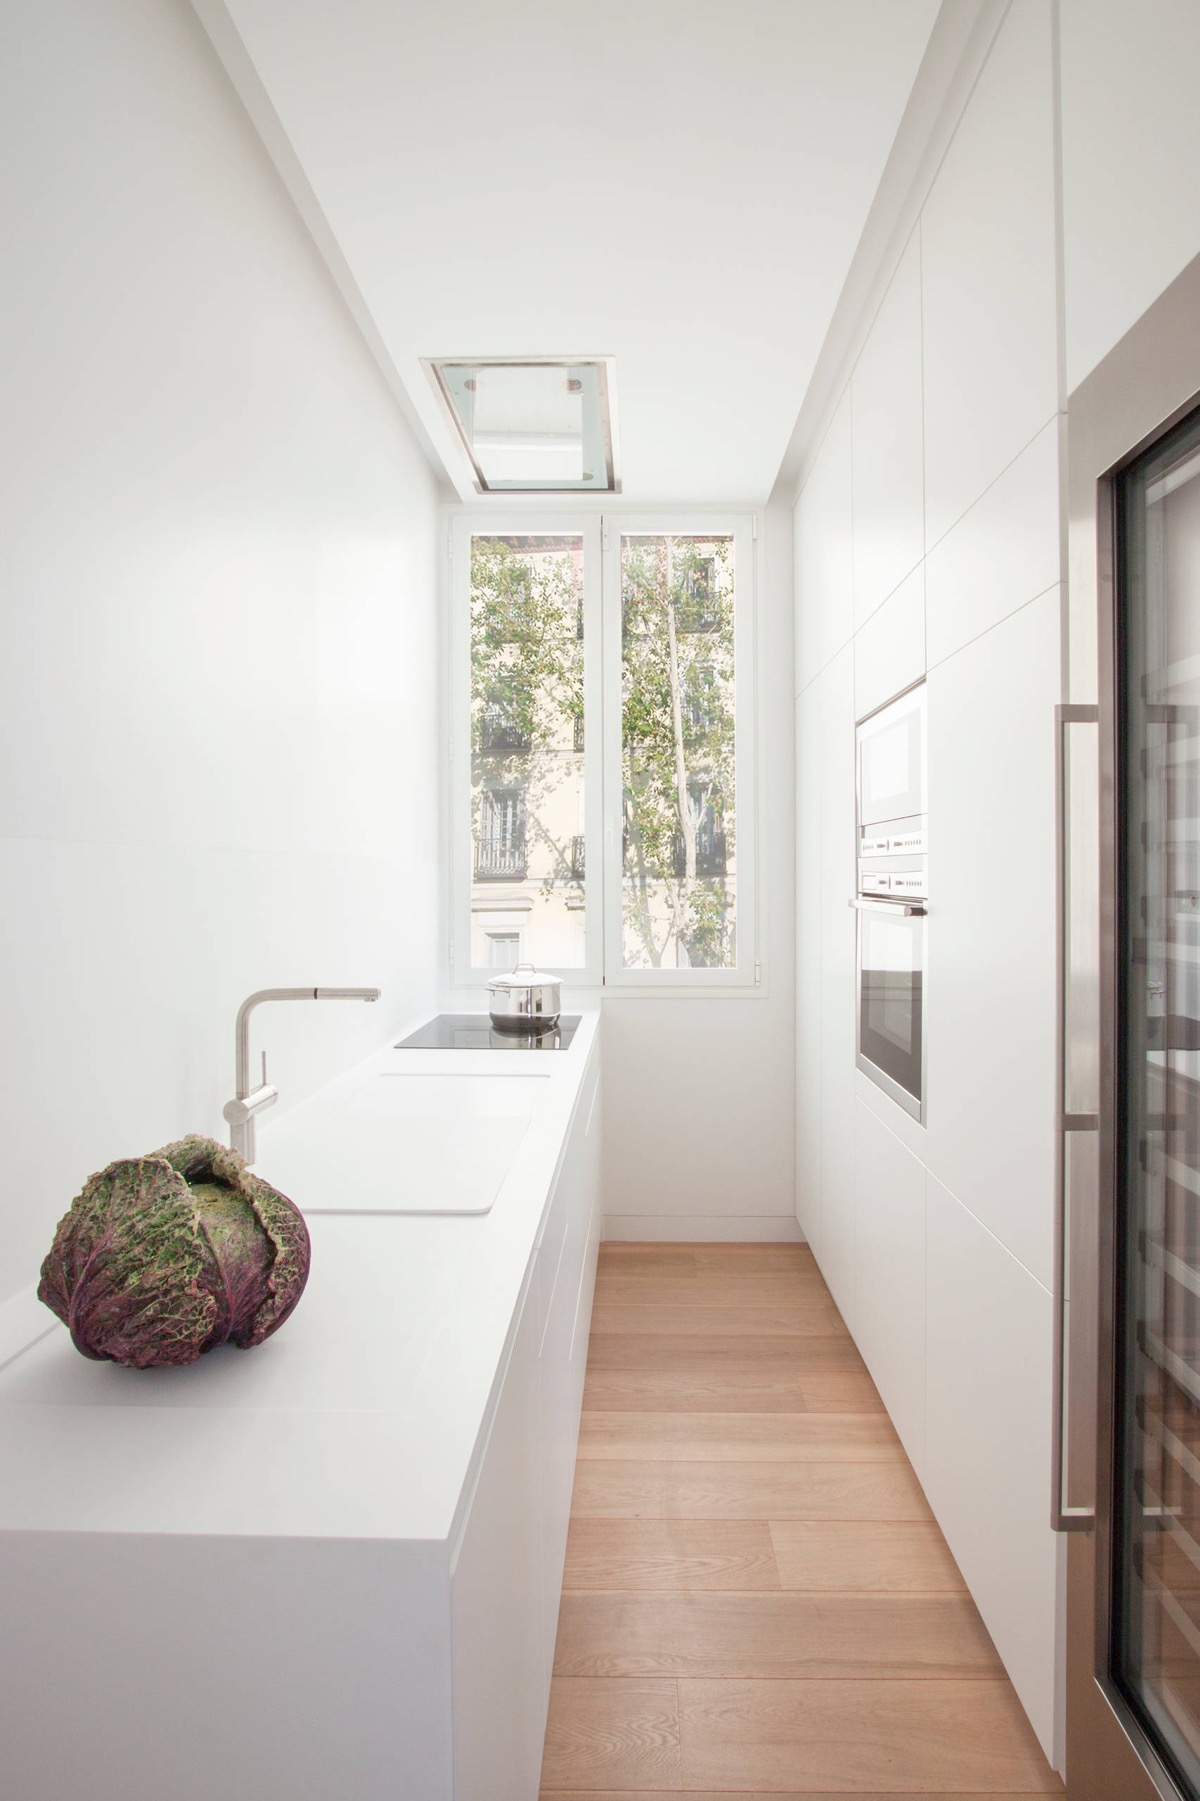 Interior Design Girls Kitchen: 40 Minimalist Kitchens To Get Super Sleek Inspiration